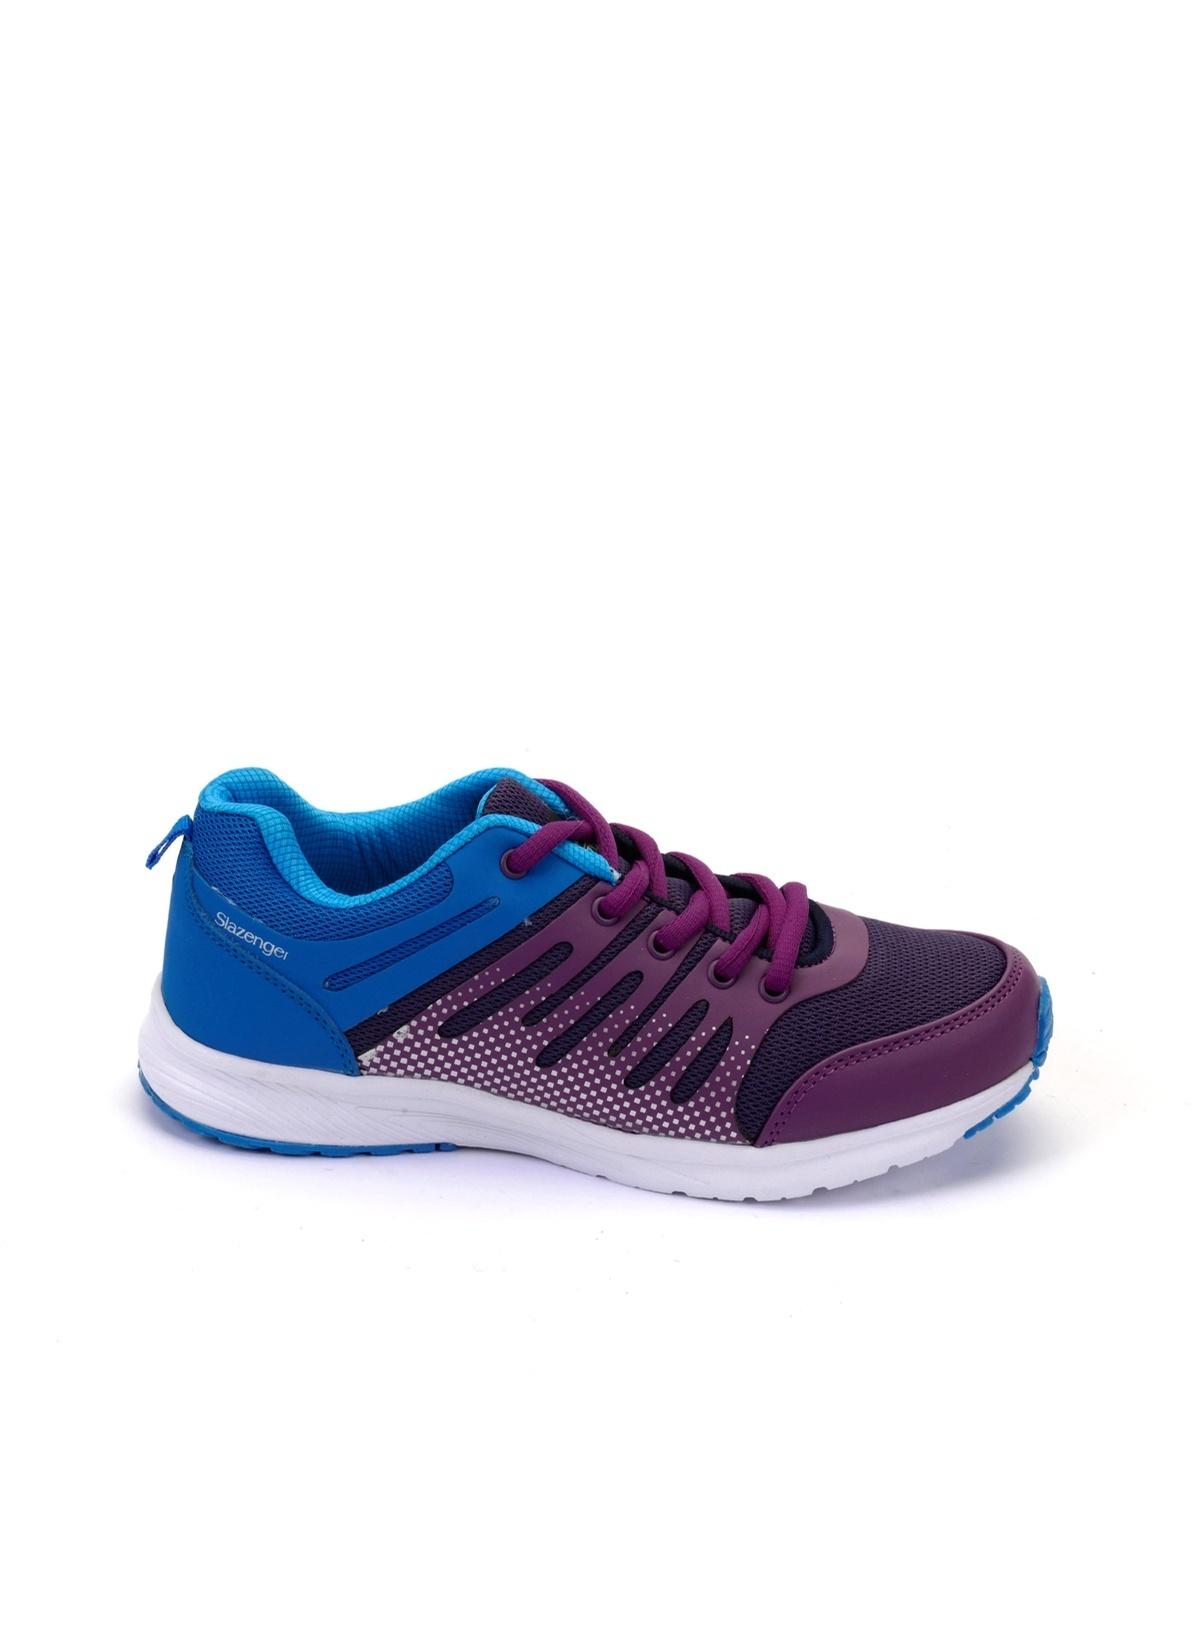 Slazenger Koşu Ayakkabısı Sa19rk007-660 Slazenger Fonda Koşu & Yür – 174.9 TL